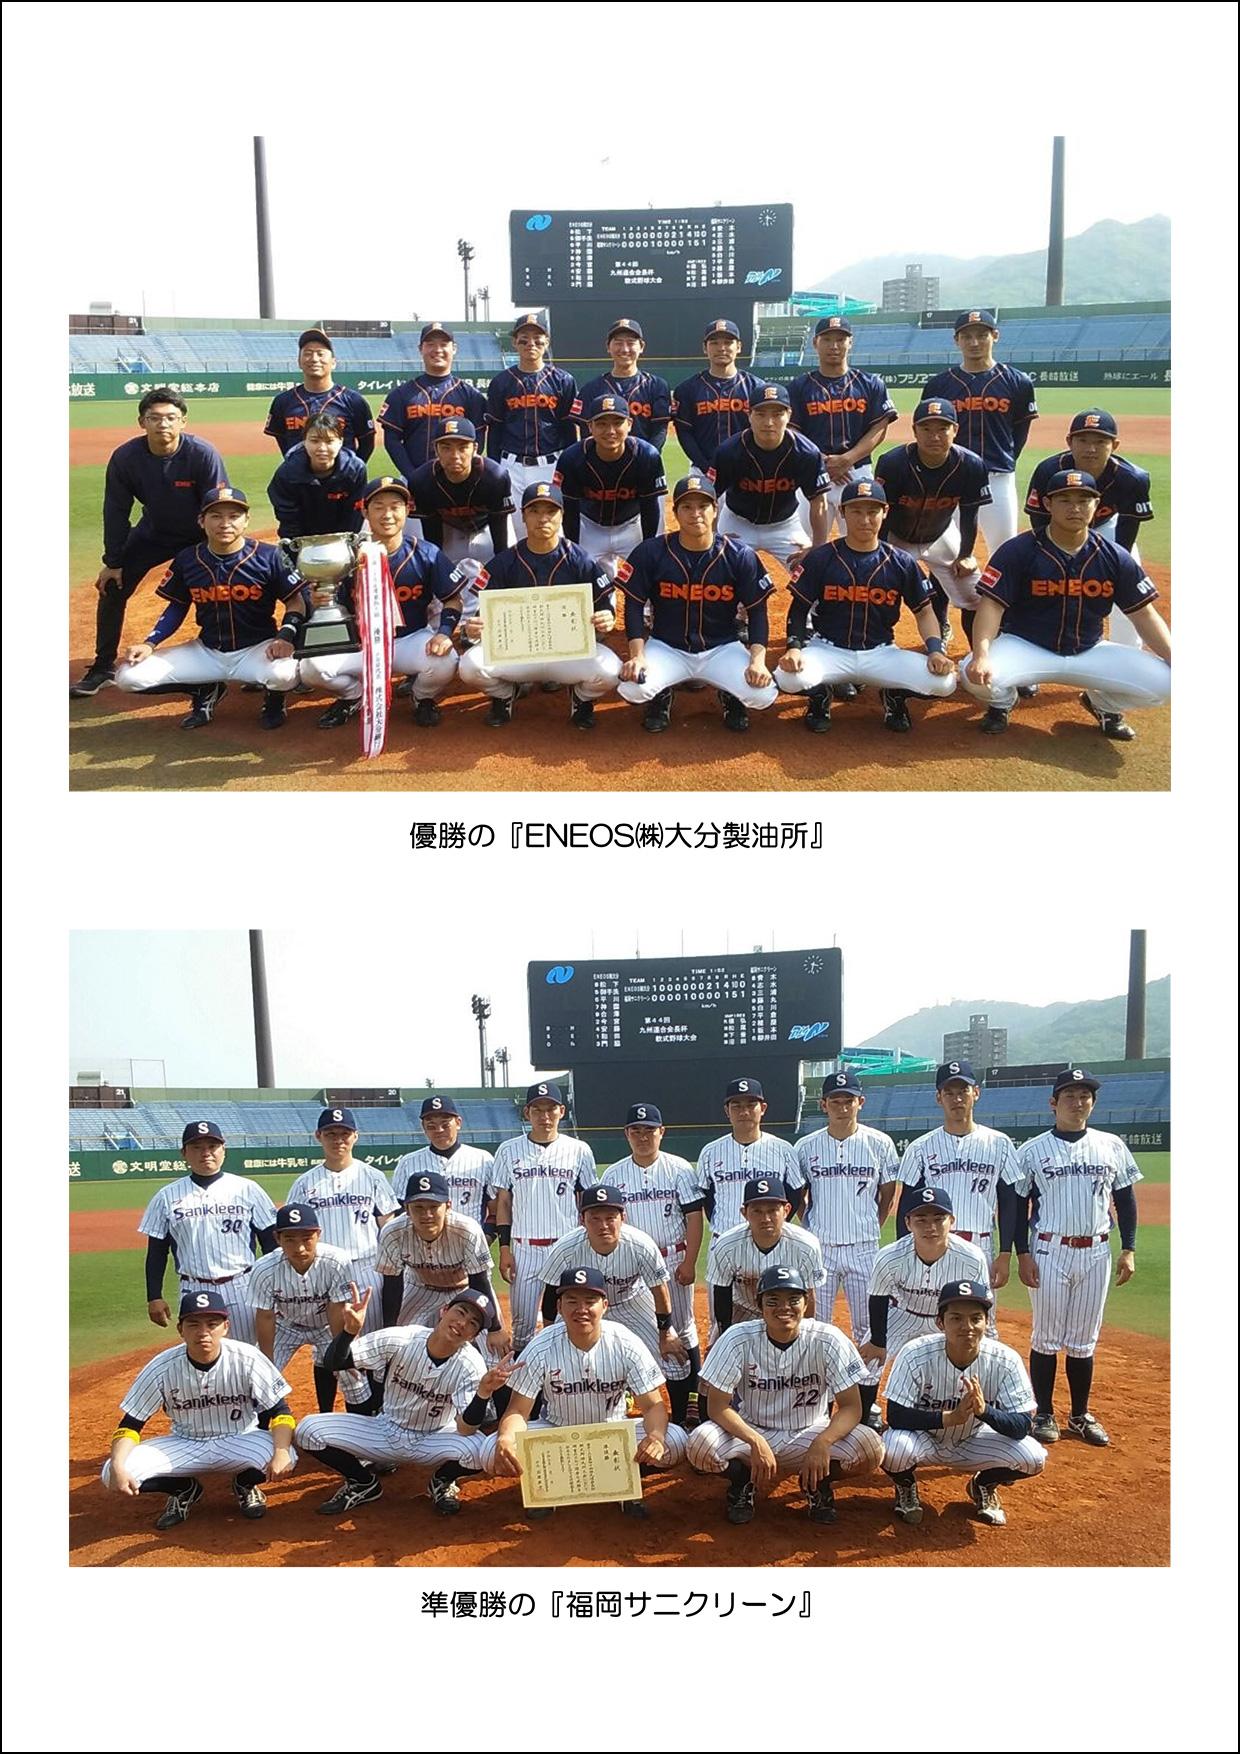 【結果】第44回 九州連合会長杯軟式野球大会